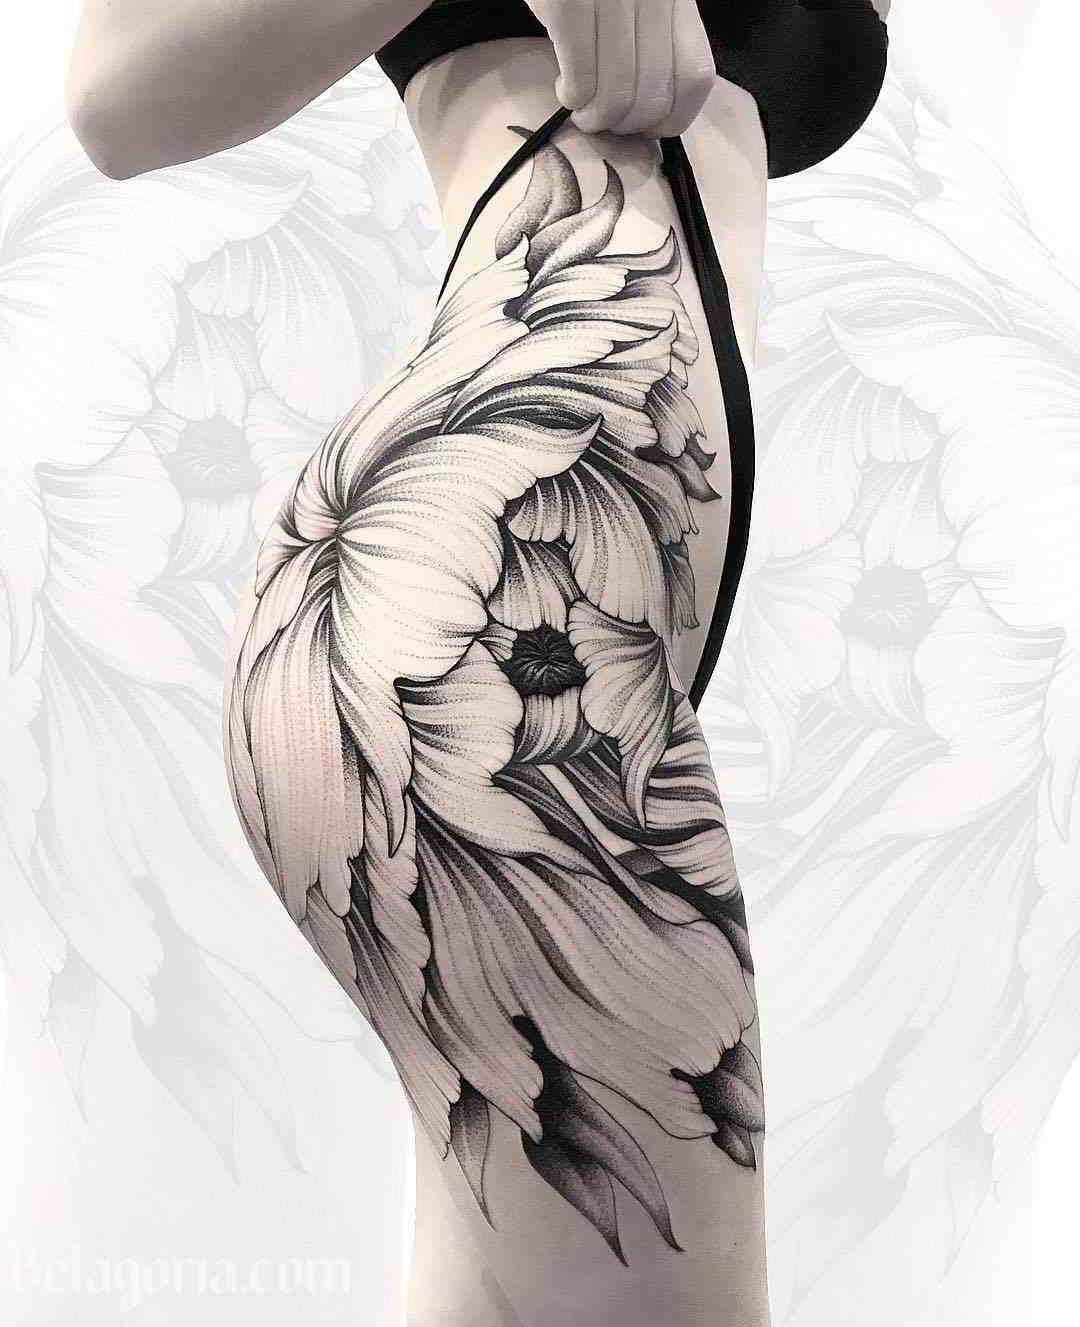 Espectacular tatuaje en la cadera de una chica